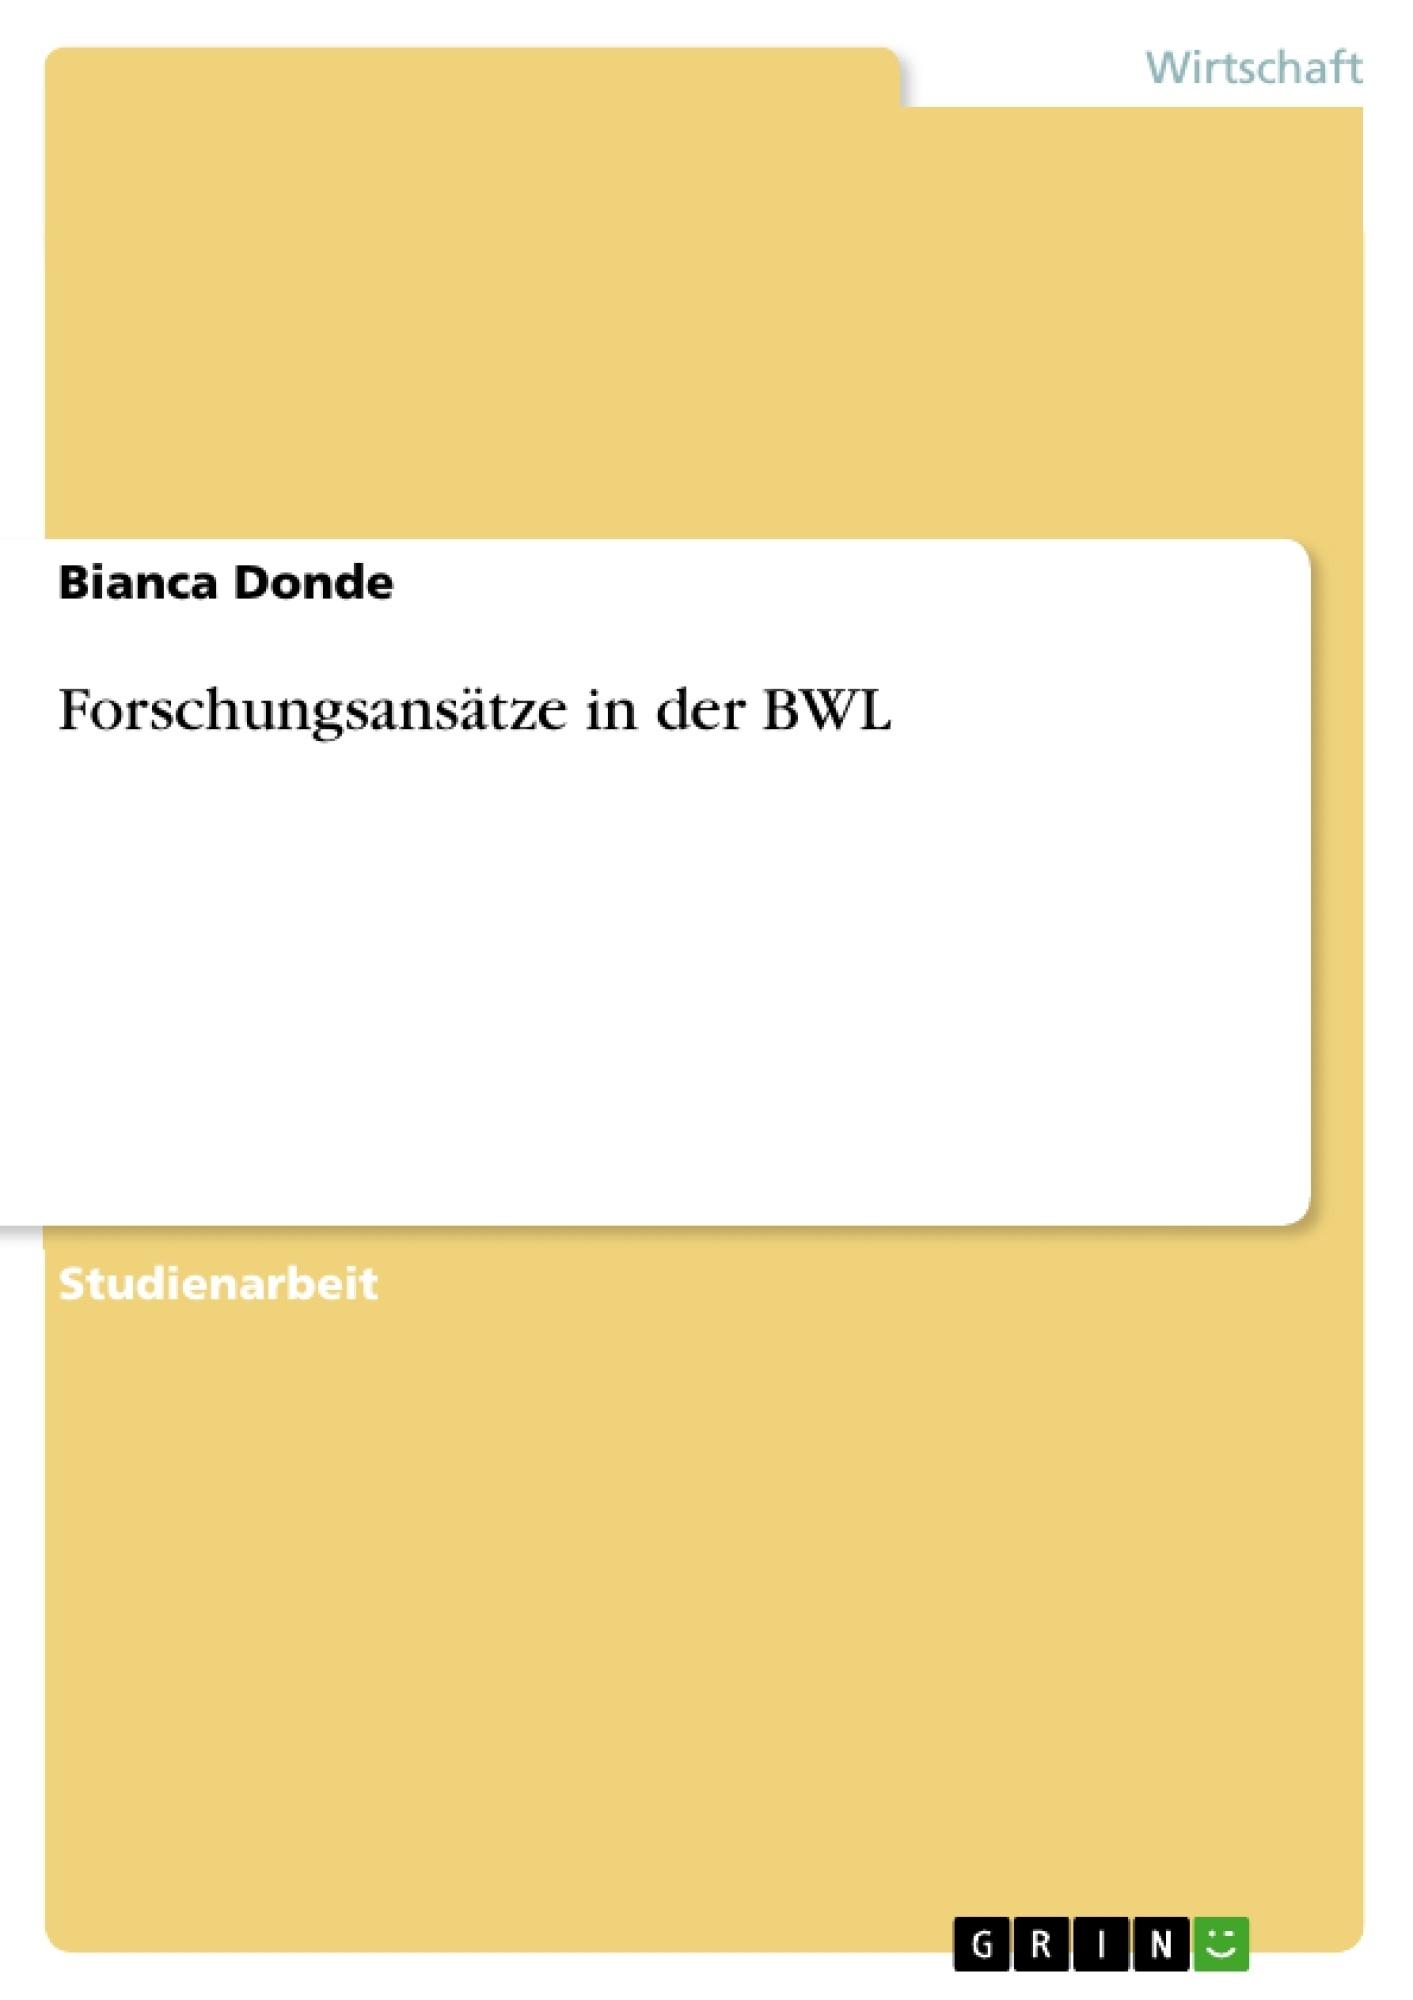 Titel: Forschungsansätze in der BWL